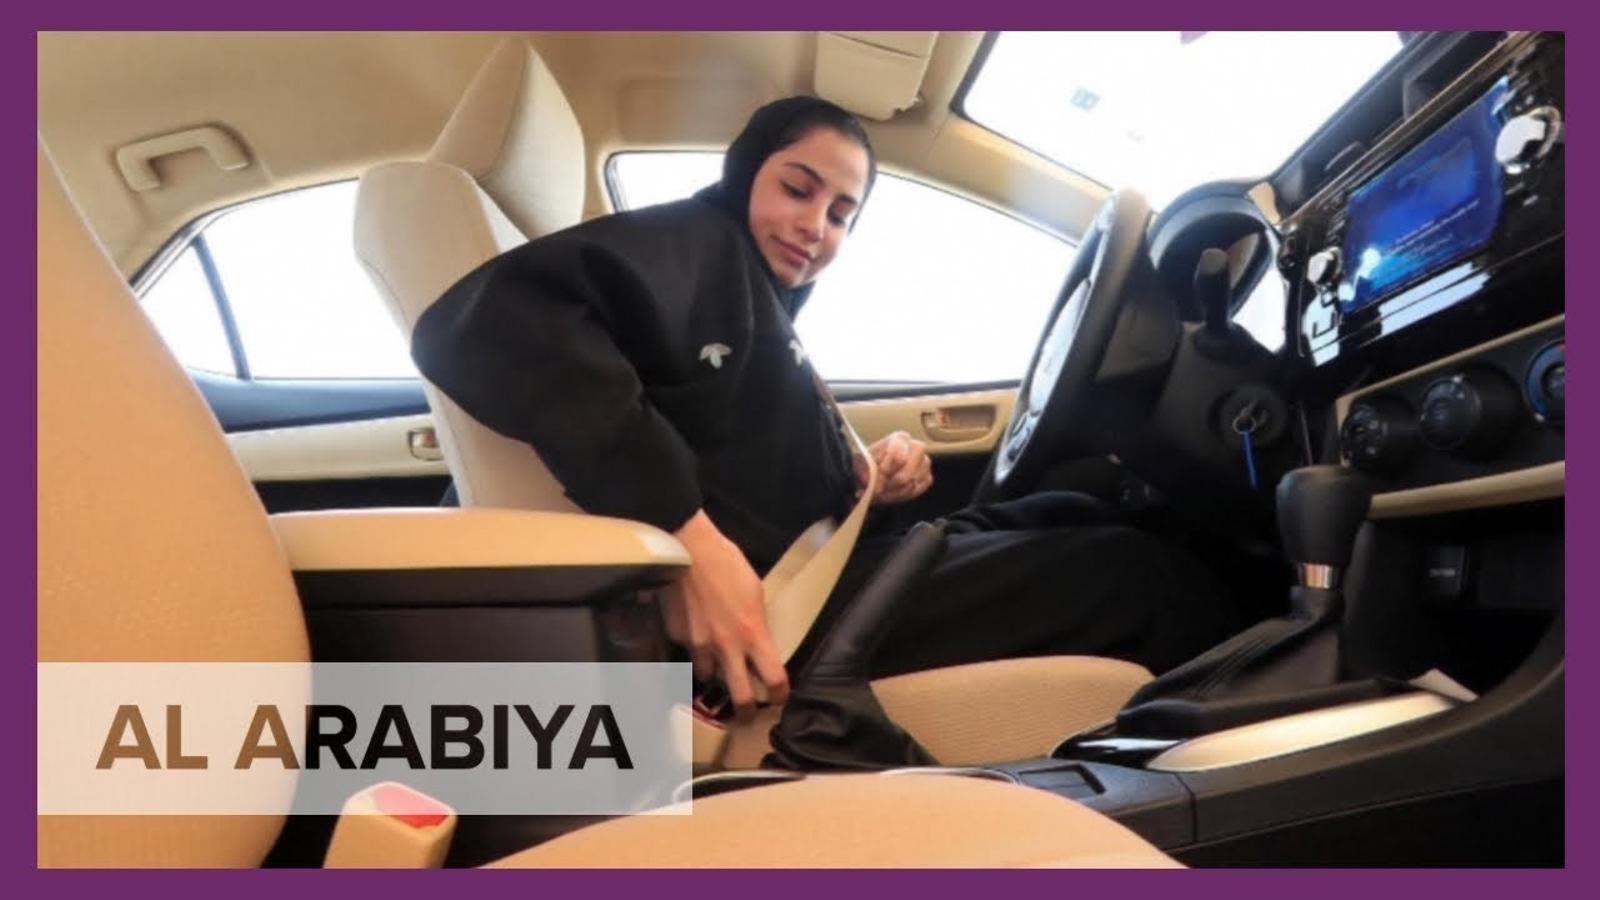 Les 10 primeres dones de l'Aràbia Saudita reben permís de conduir